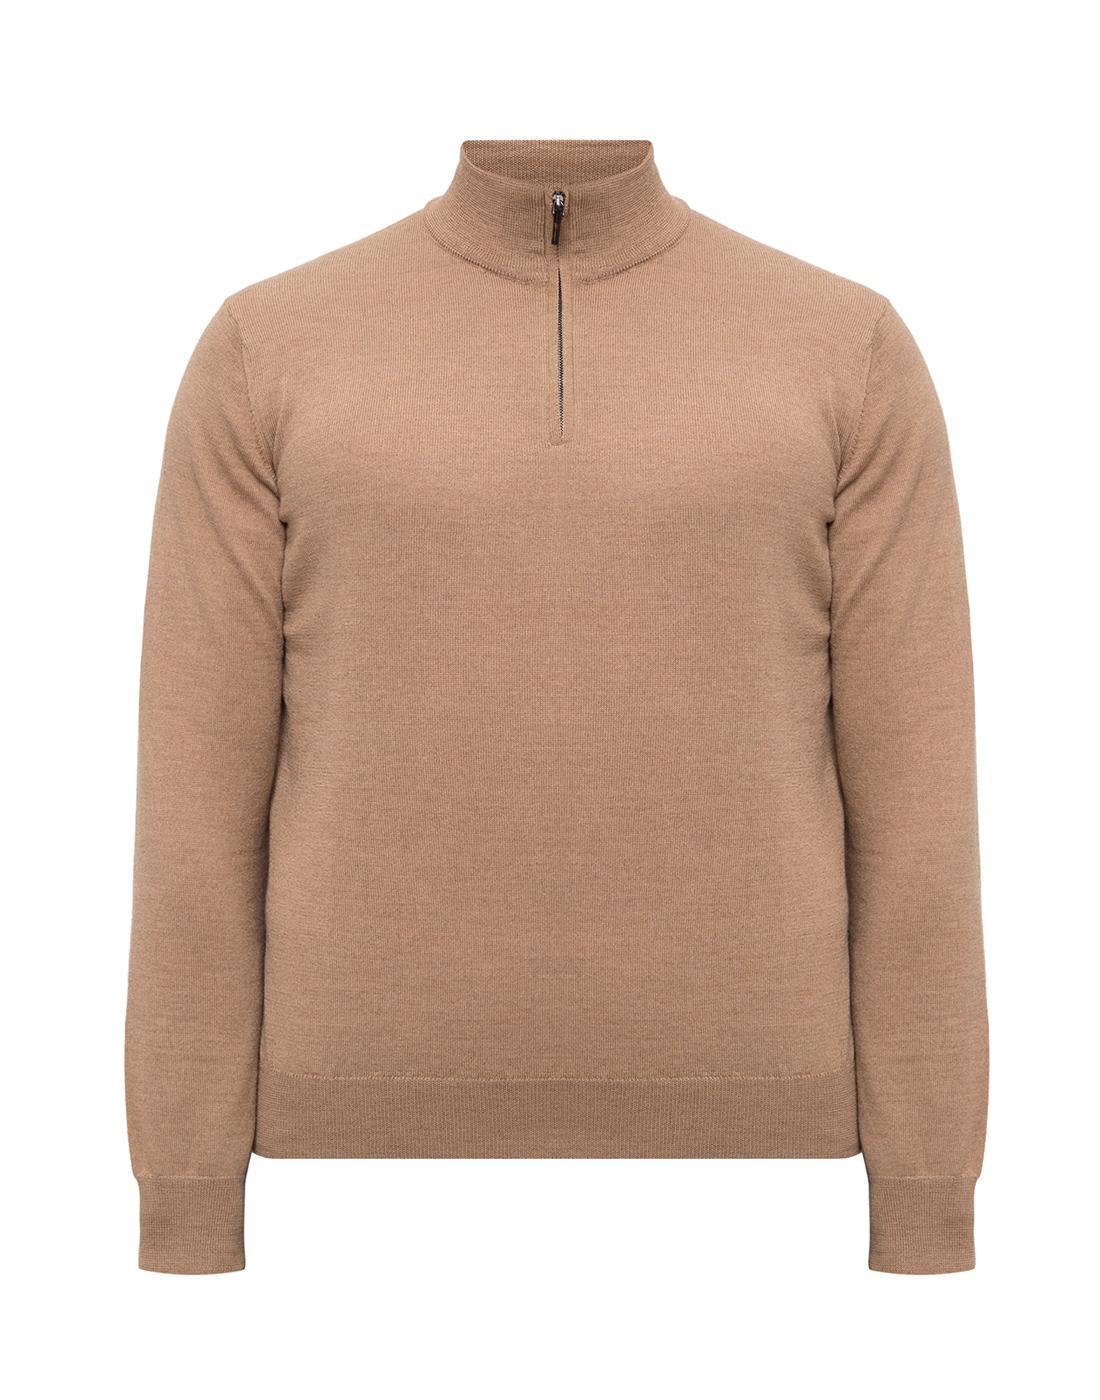 Мужской бежевый шерстяной свитер Dalmine S692029 537-1